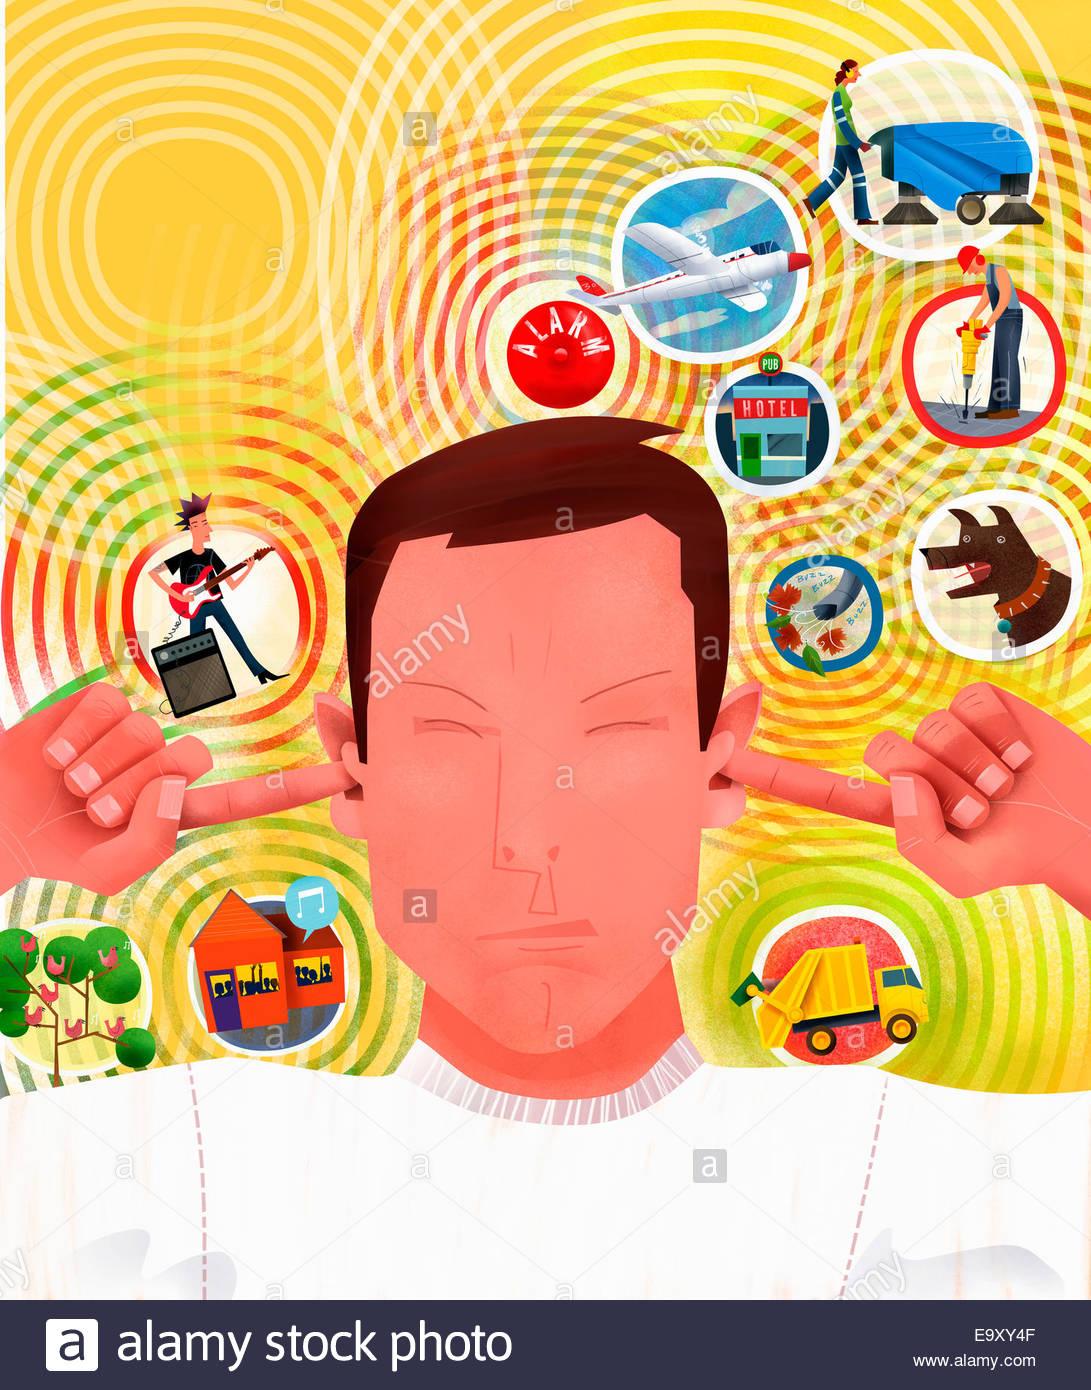 Simboli di rumore circostante uomo irritata collegando le orecchie Immagini Stock